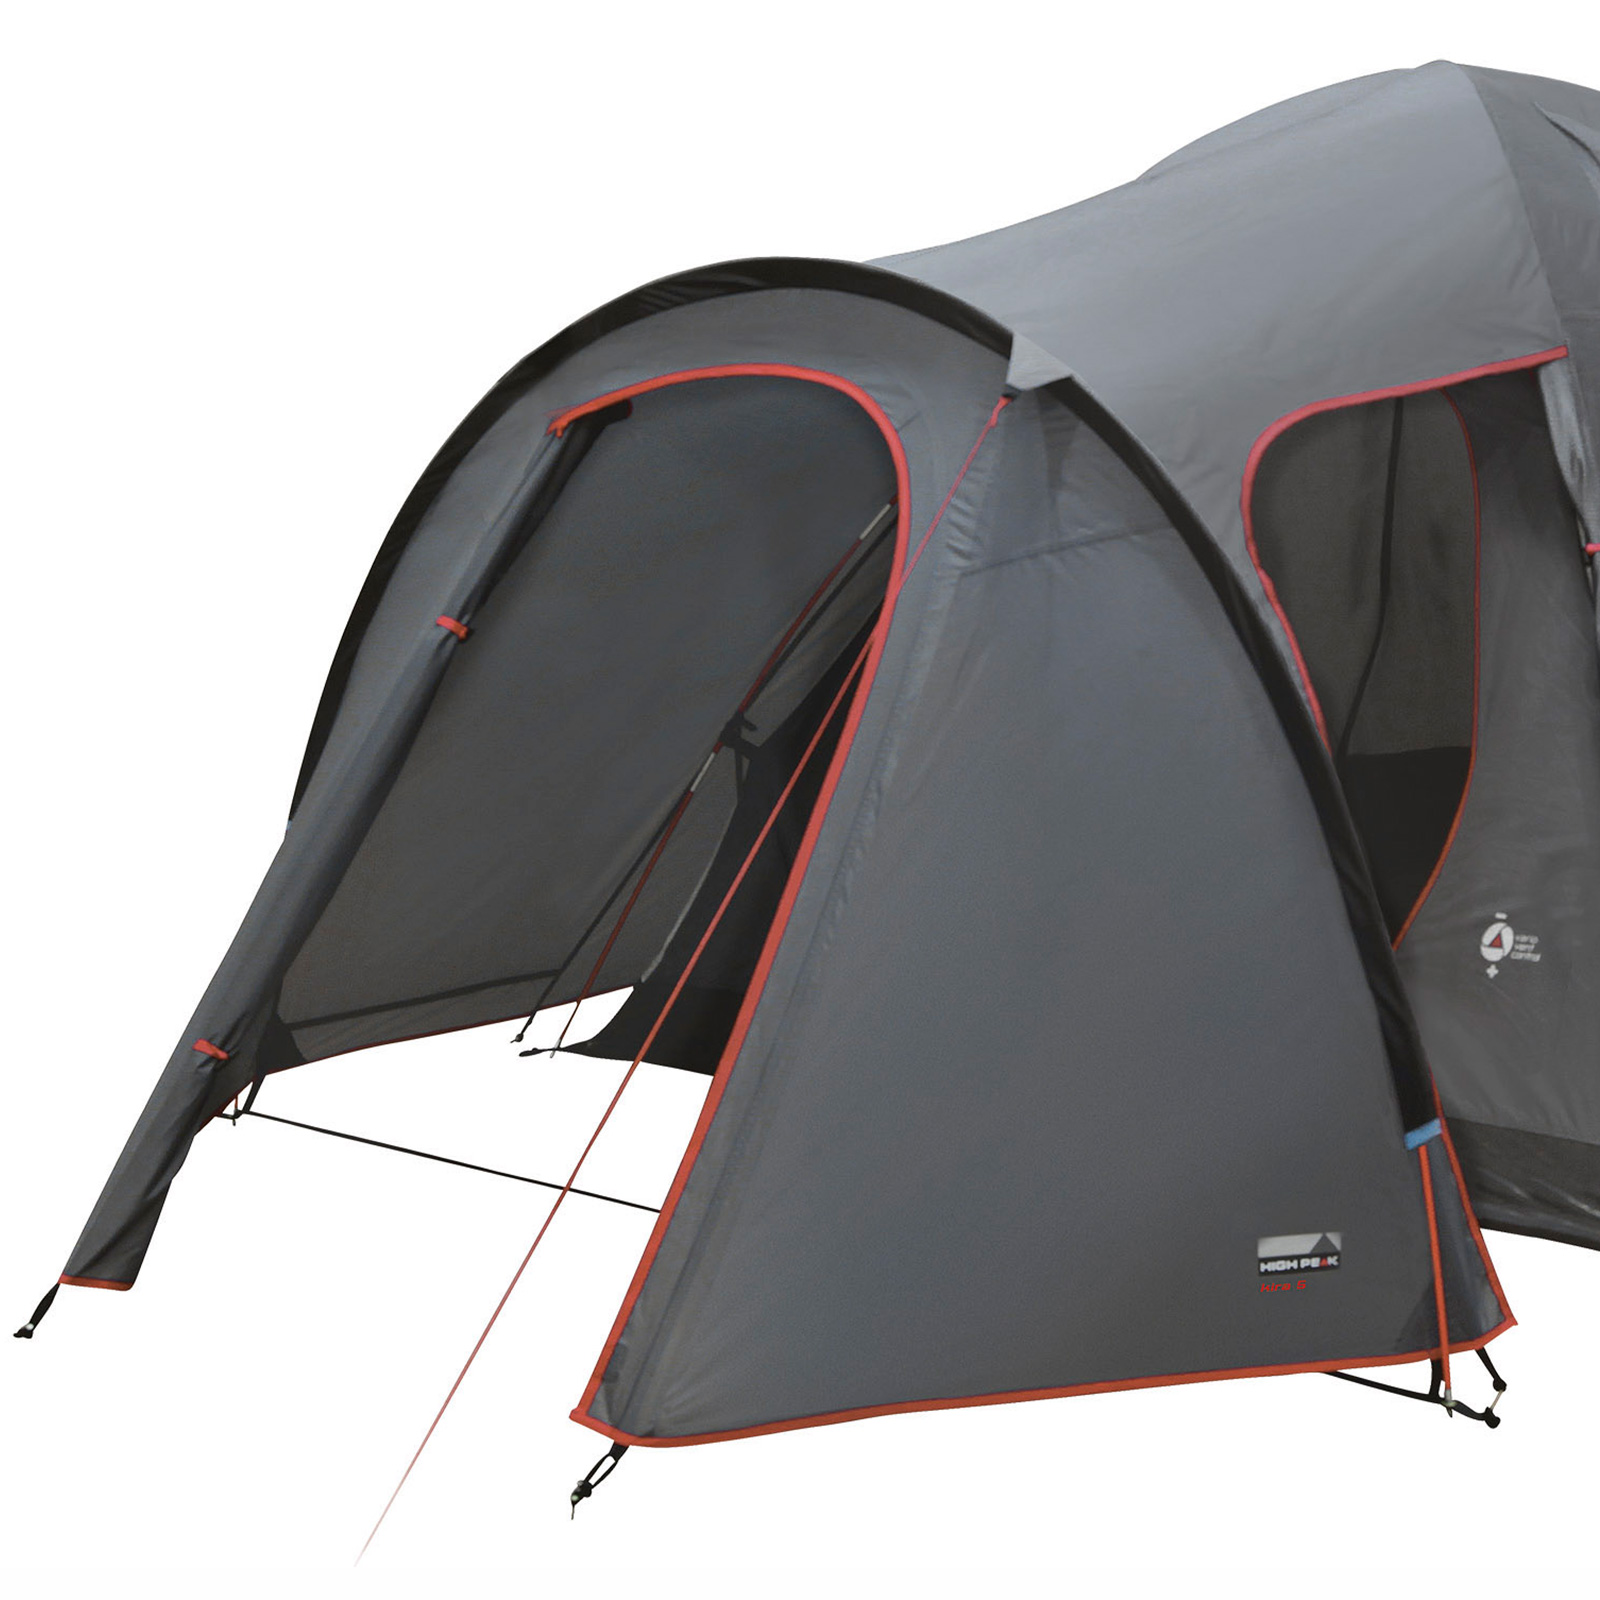 HIGH PEAK Iglu Zelt Kira 5 Personen Camping Kuppelzelt Trekkingzelt Outdoor